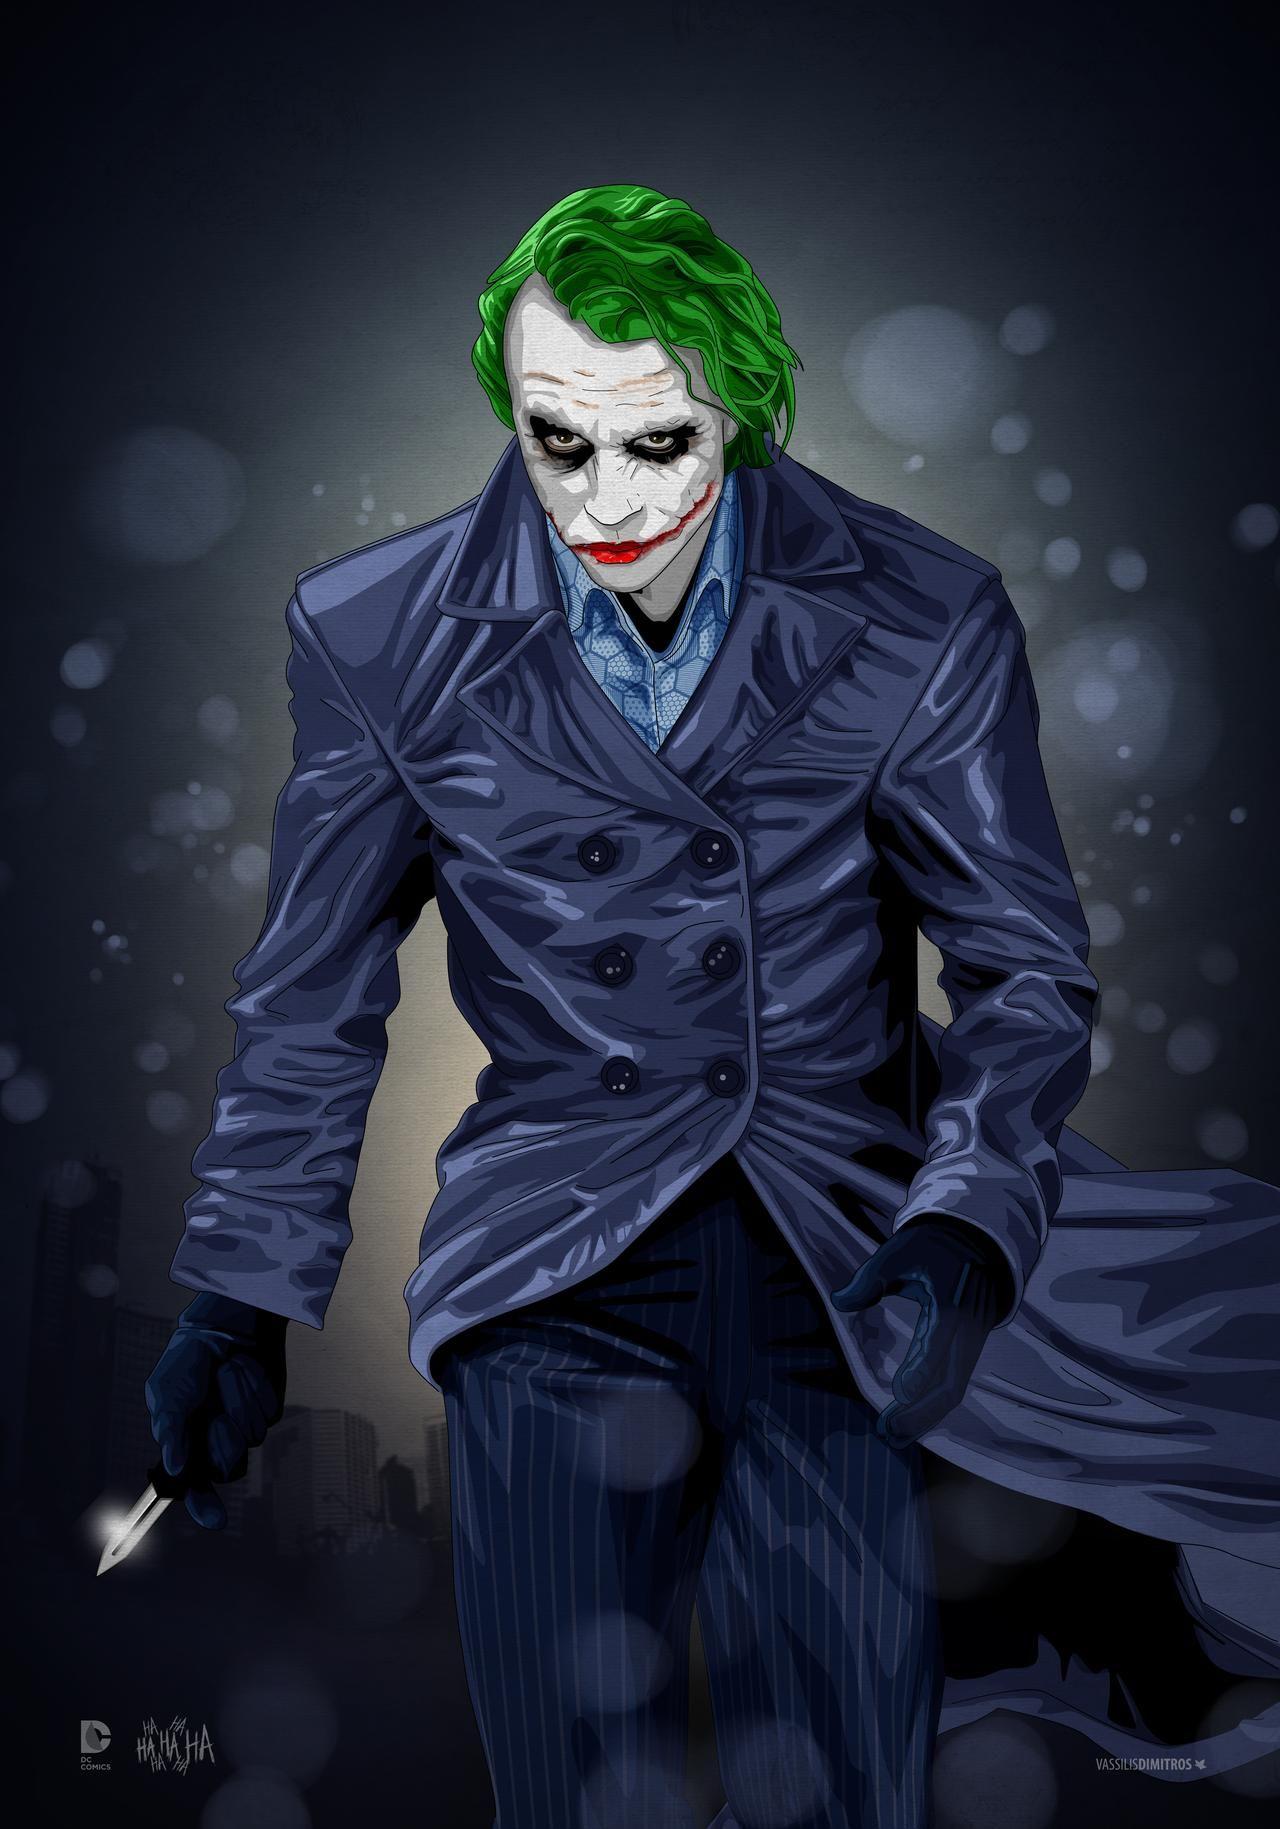 The Joker Heath Ledger Tribute By Dimitrosw On Deviantart Joker Heath Joker Artwork Joker Wallpapers